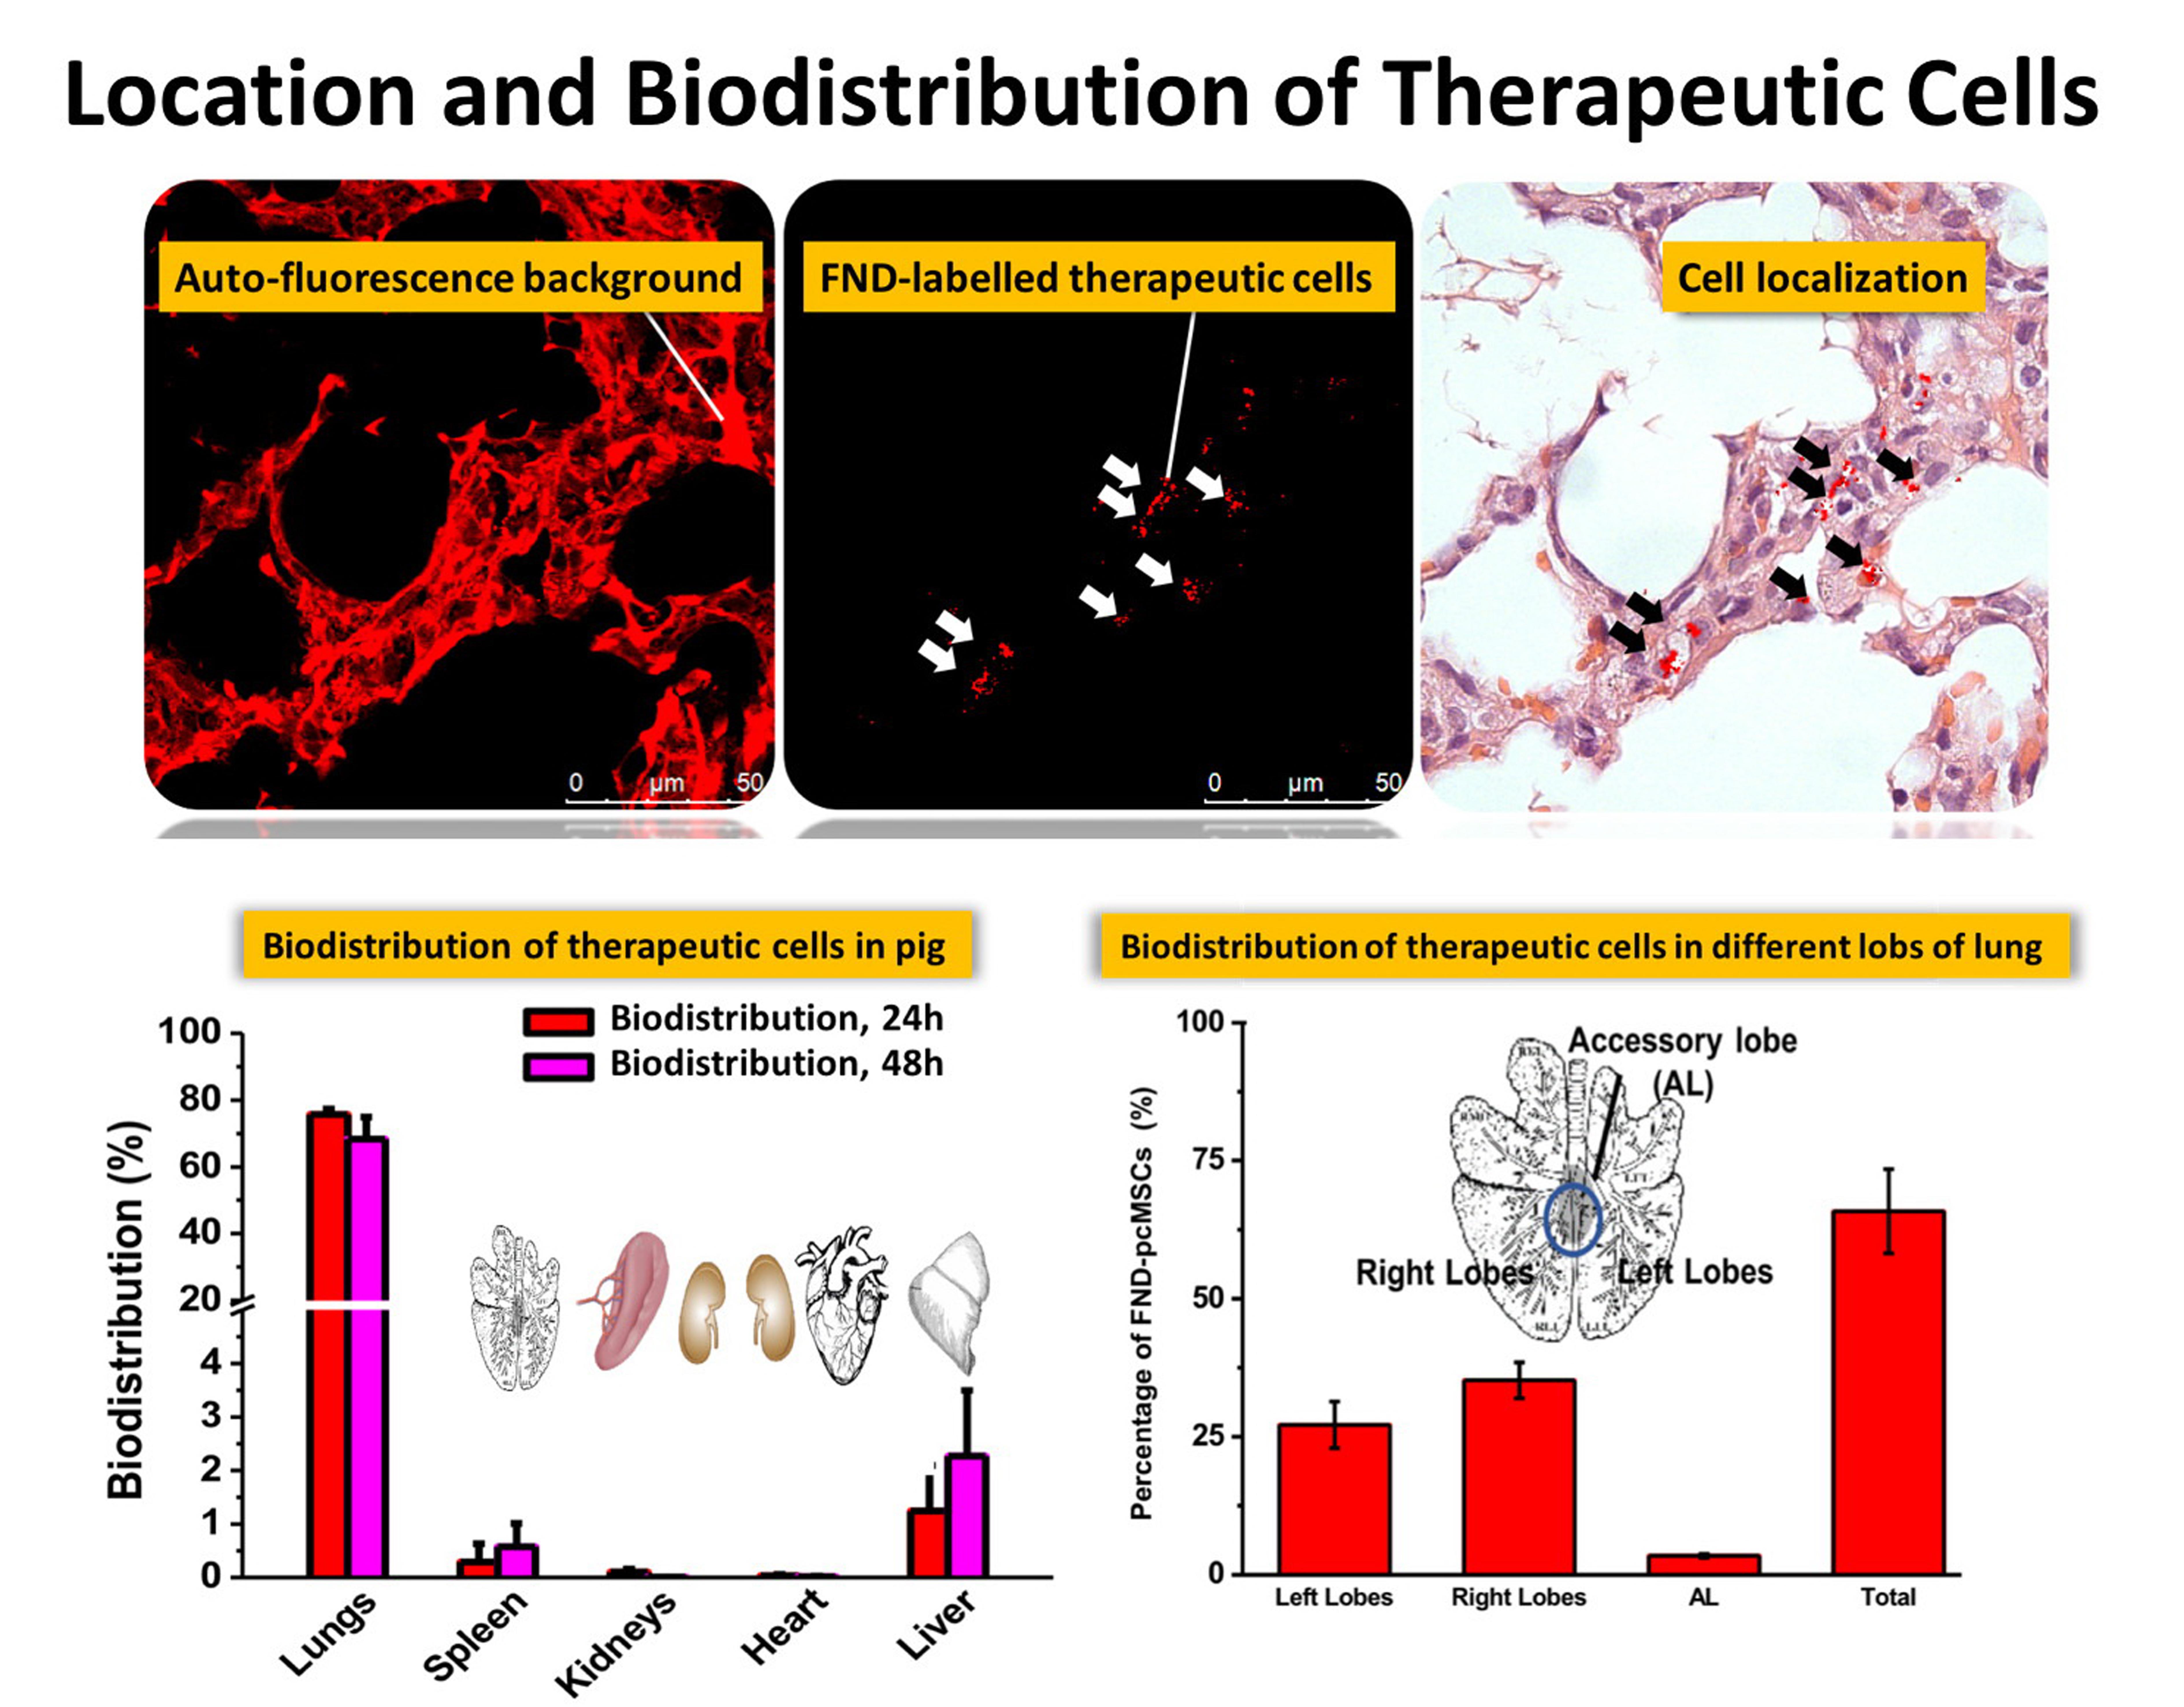 移植至迷你豬體內之人類間質幹細胞的生物分佈與定位追蹤